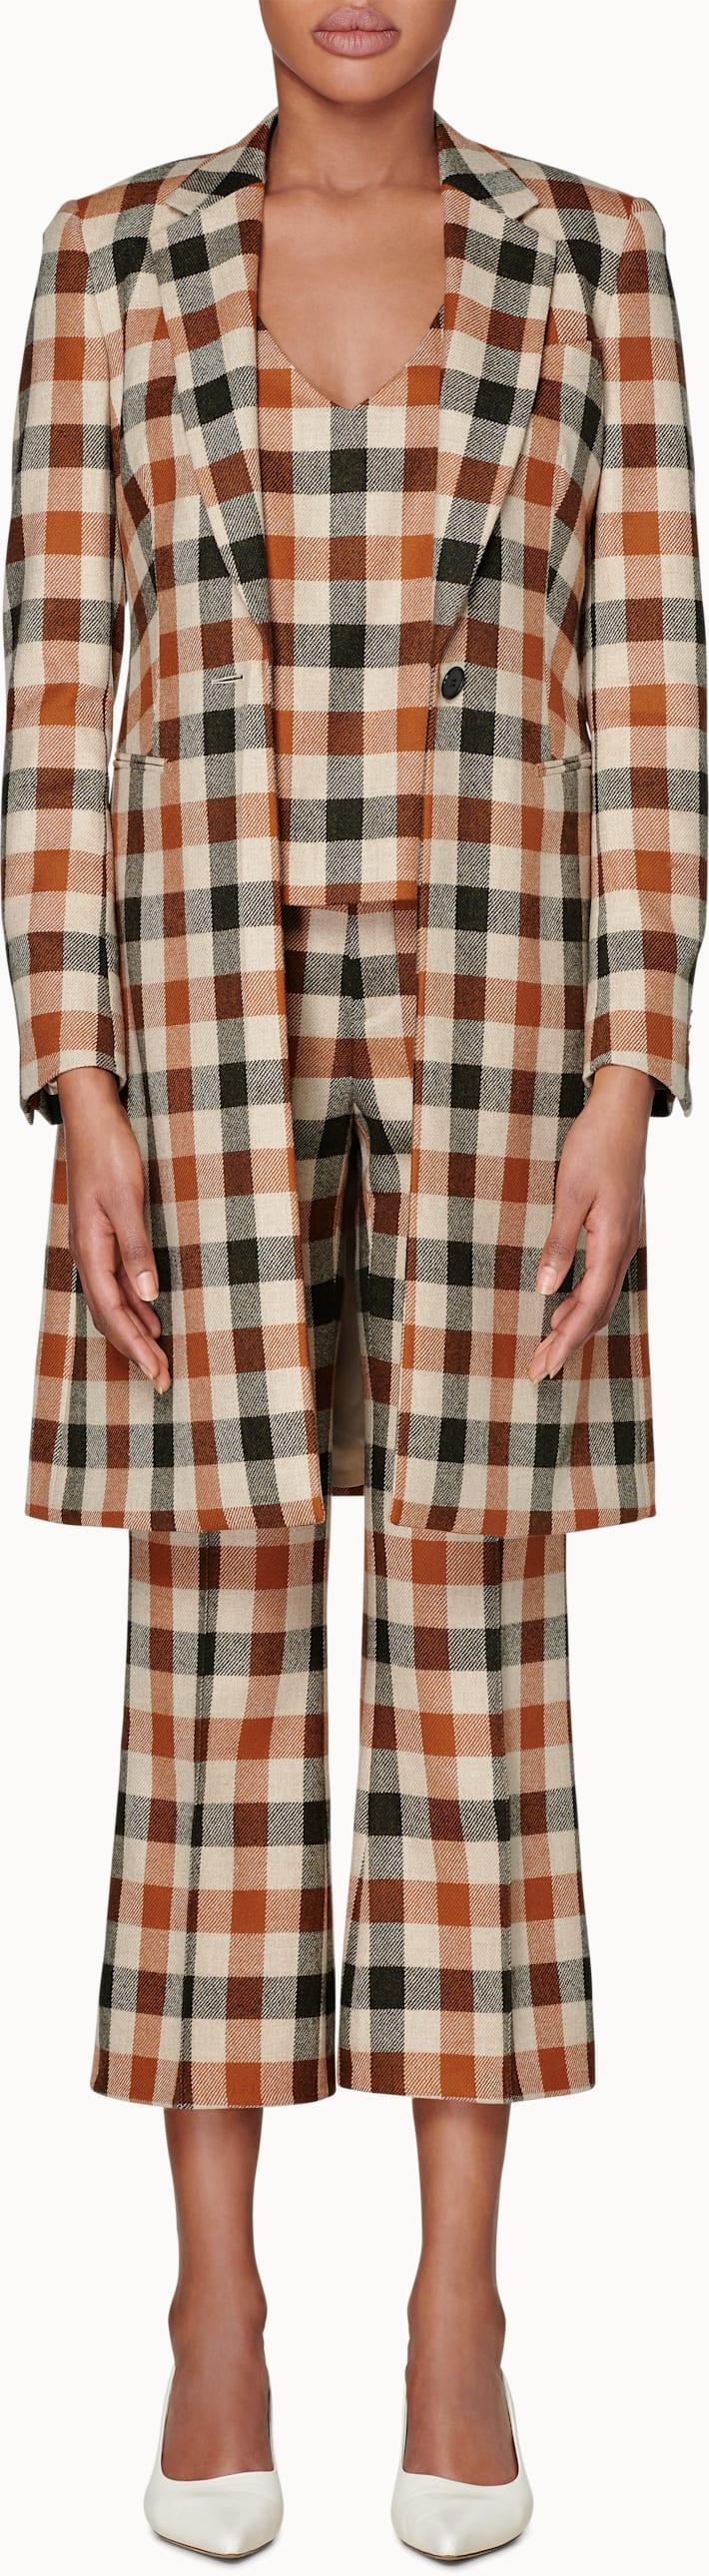 Tenley Orange Checked Coat